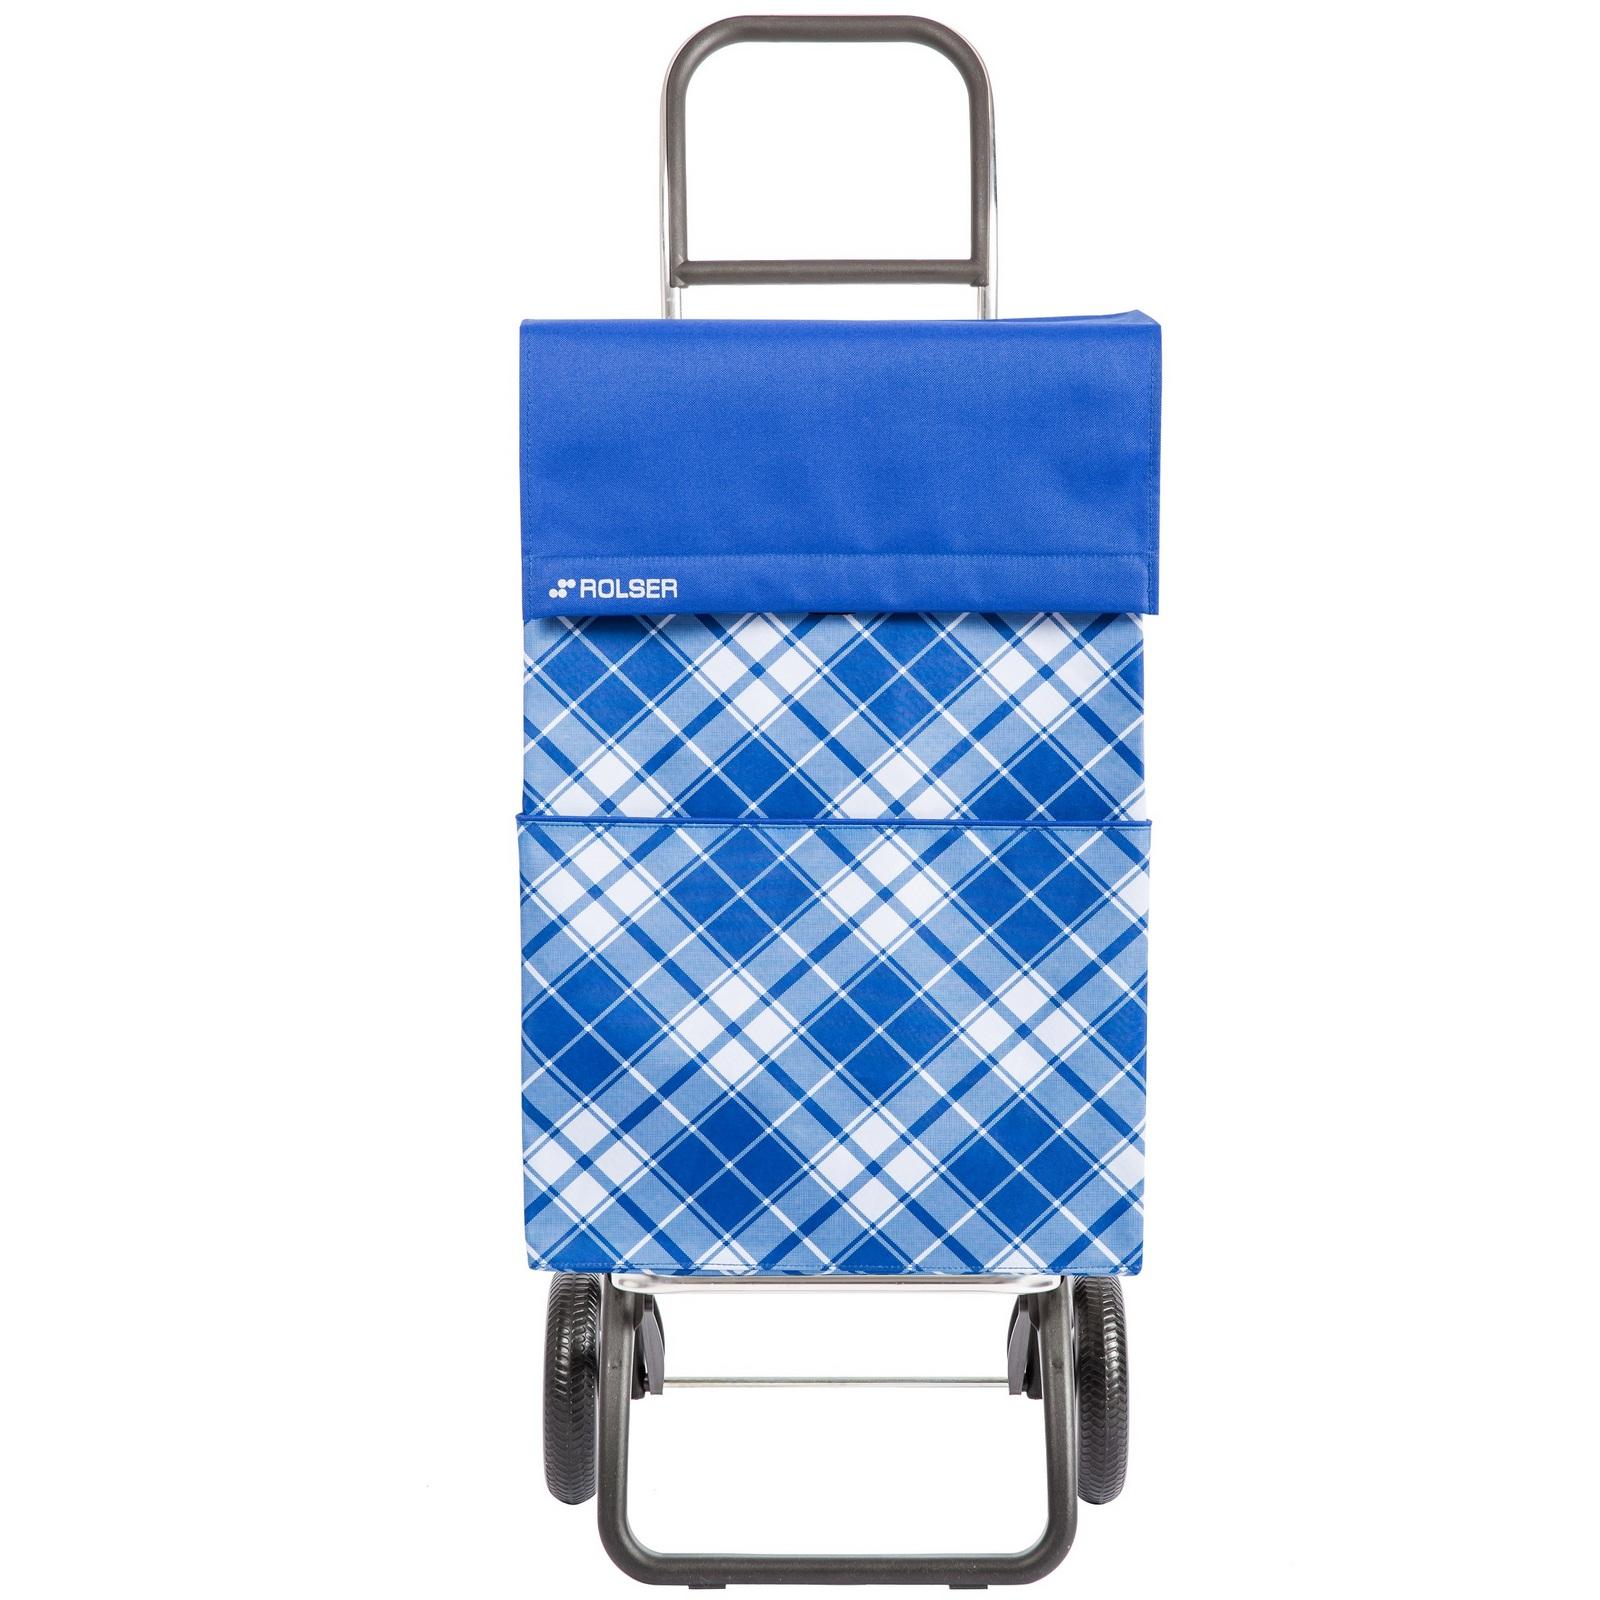 15663a89 Сумка-тележка Rolser 2500 C. Capri Convert RG 43 Azul купить. Сумка ...